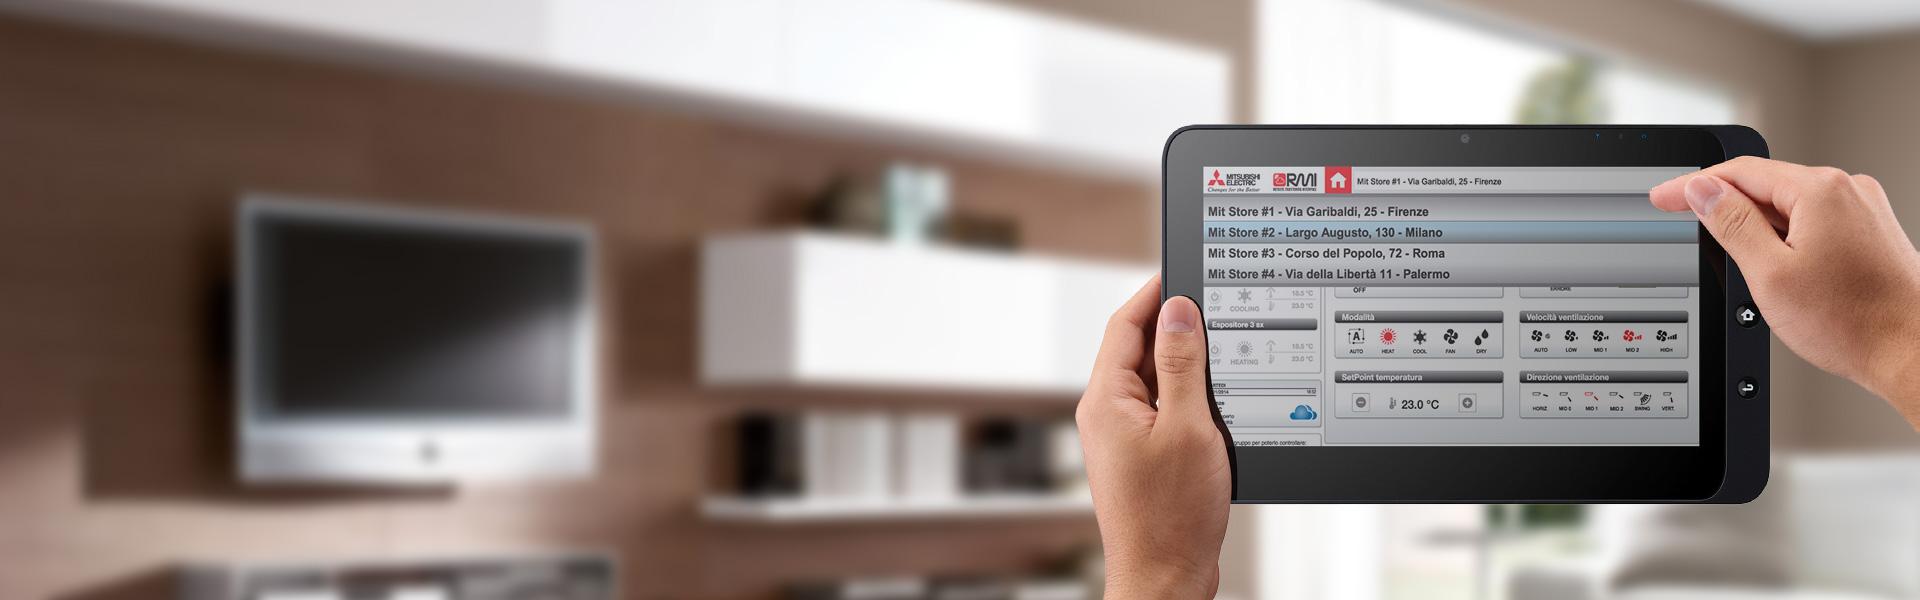 Descubre todas las funciones de monitorización, ahorro energético y notificación de averías